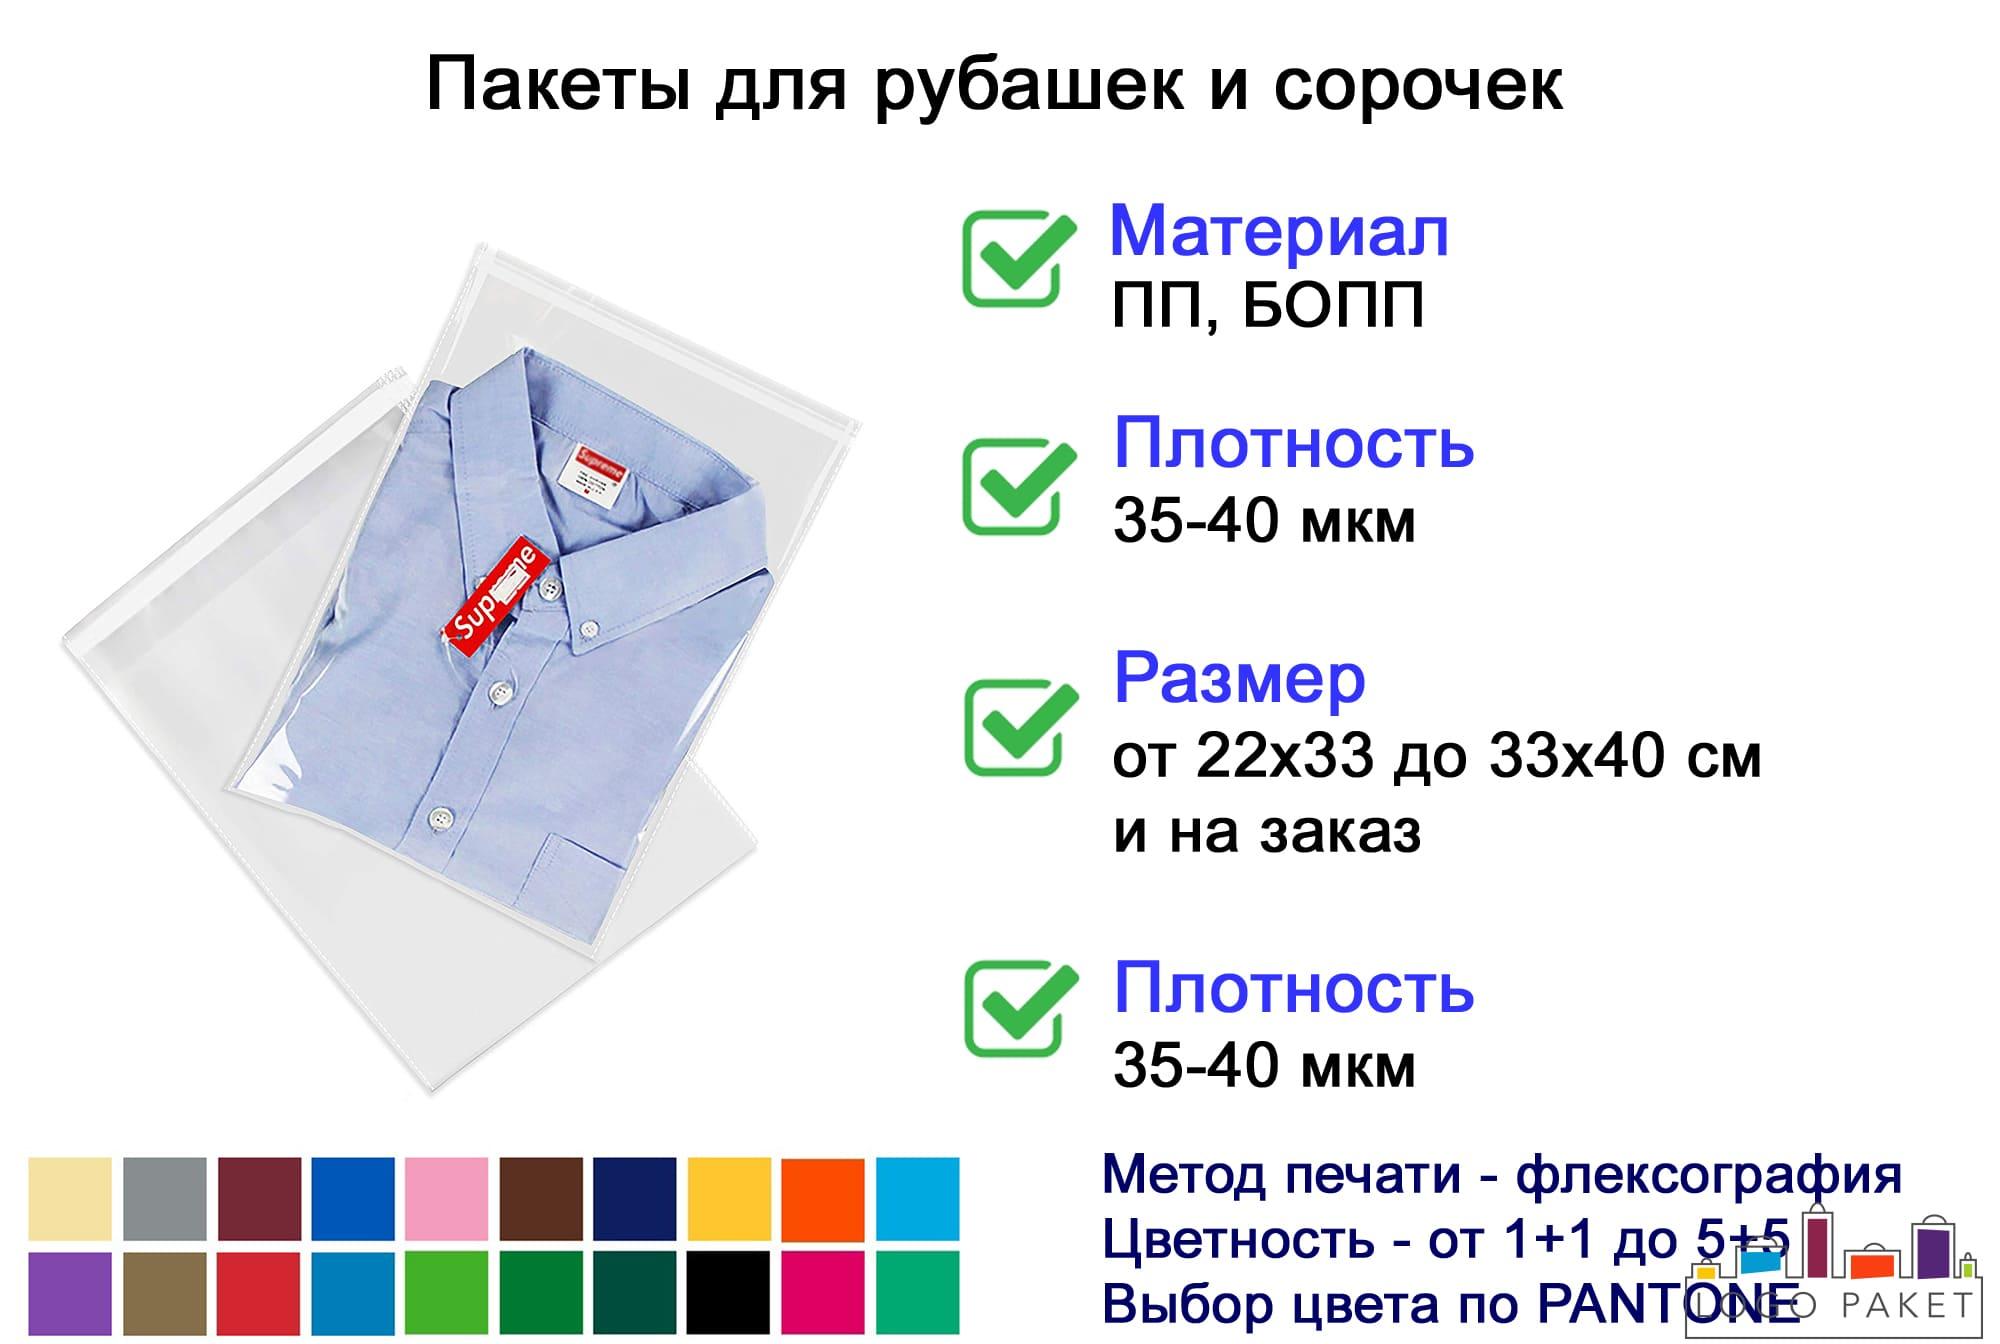 Пакеты для рубашек инфографика